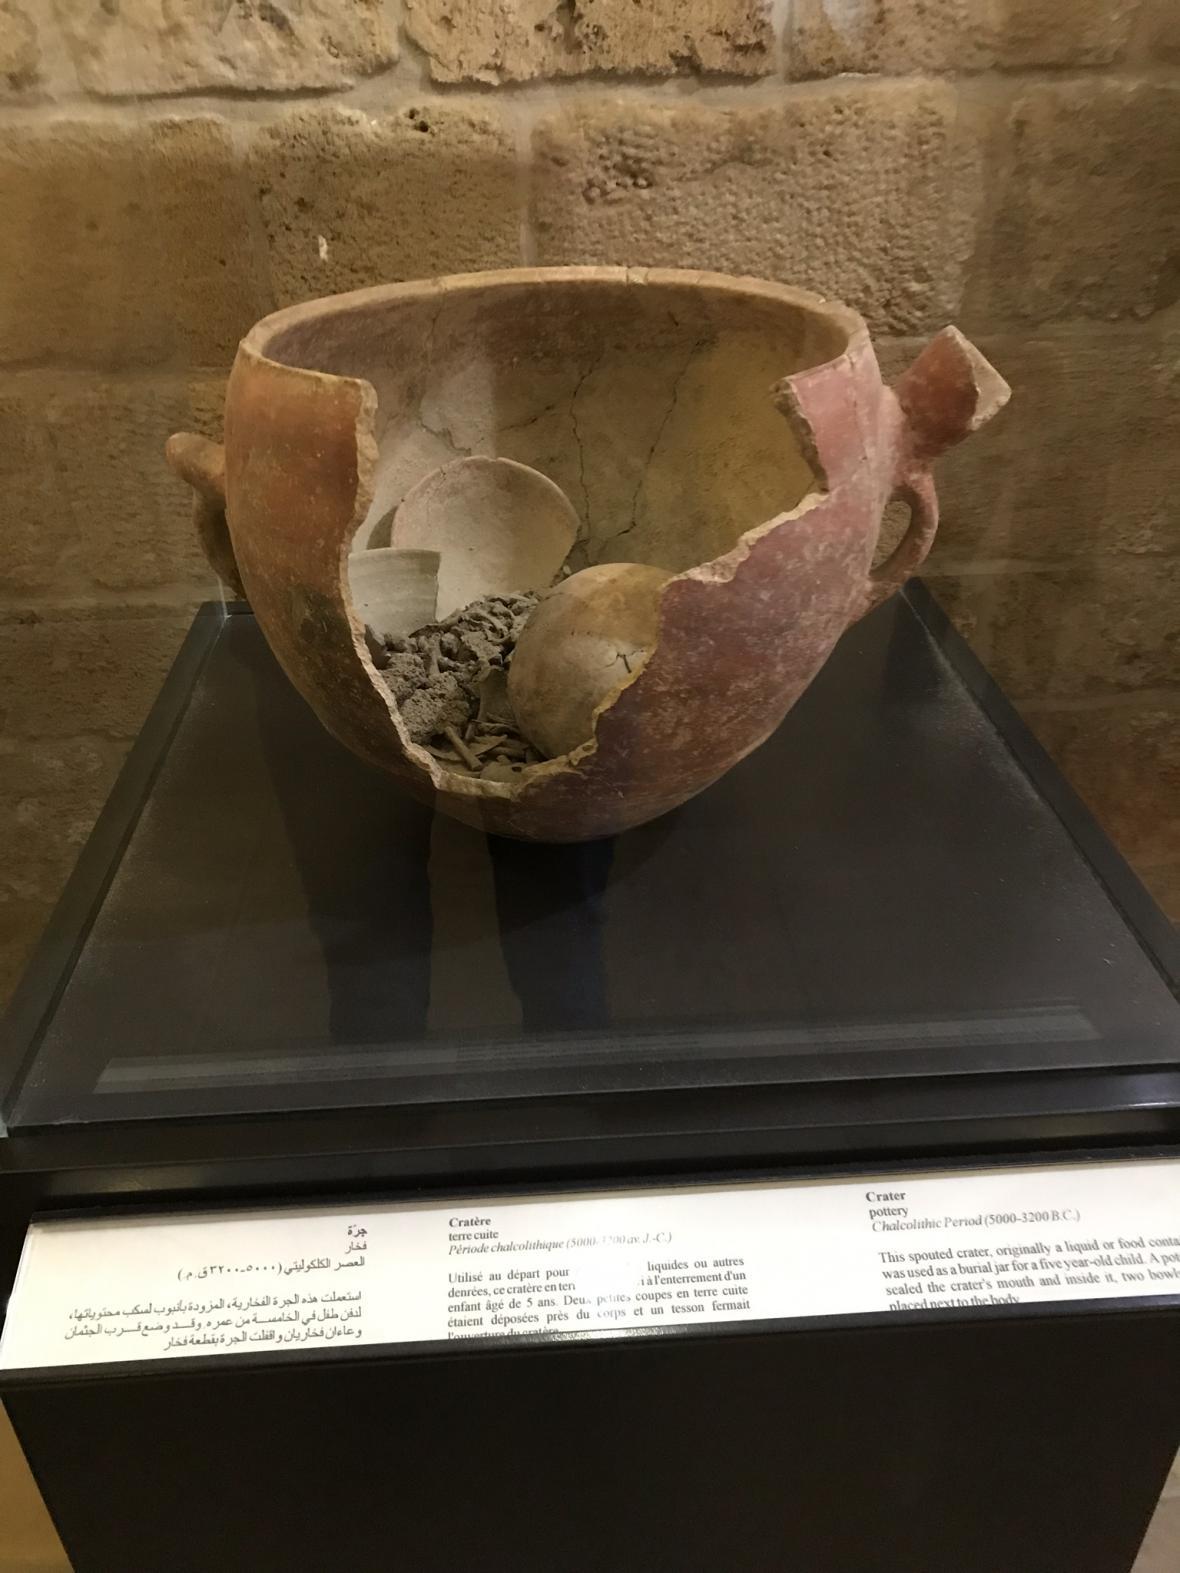 Starodávný způsob pohřbívání do velkých nádob